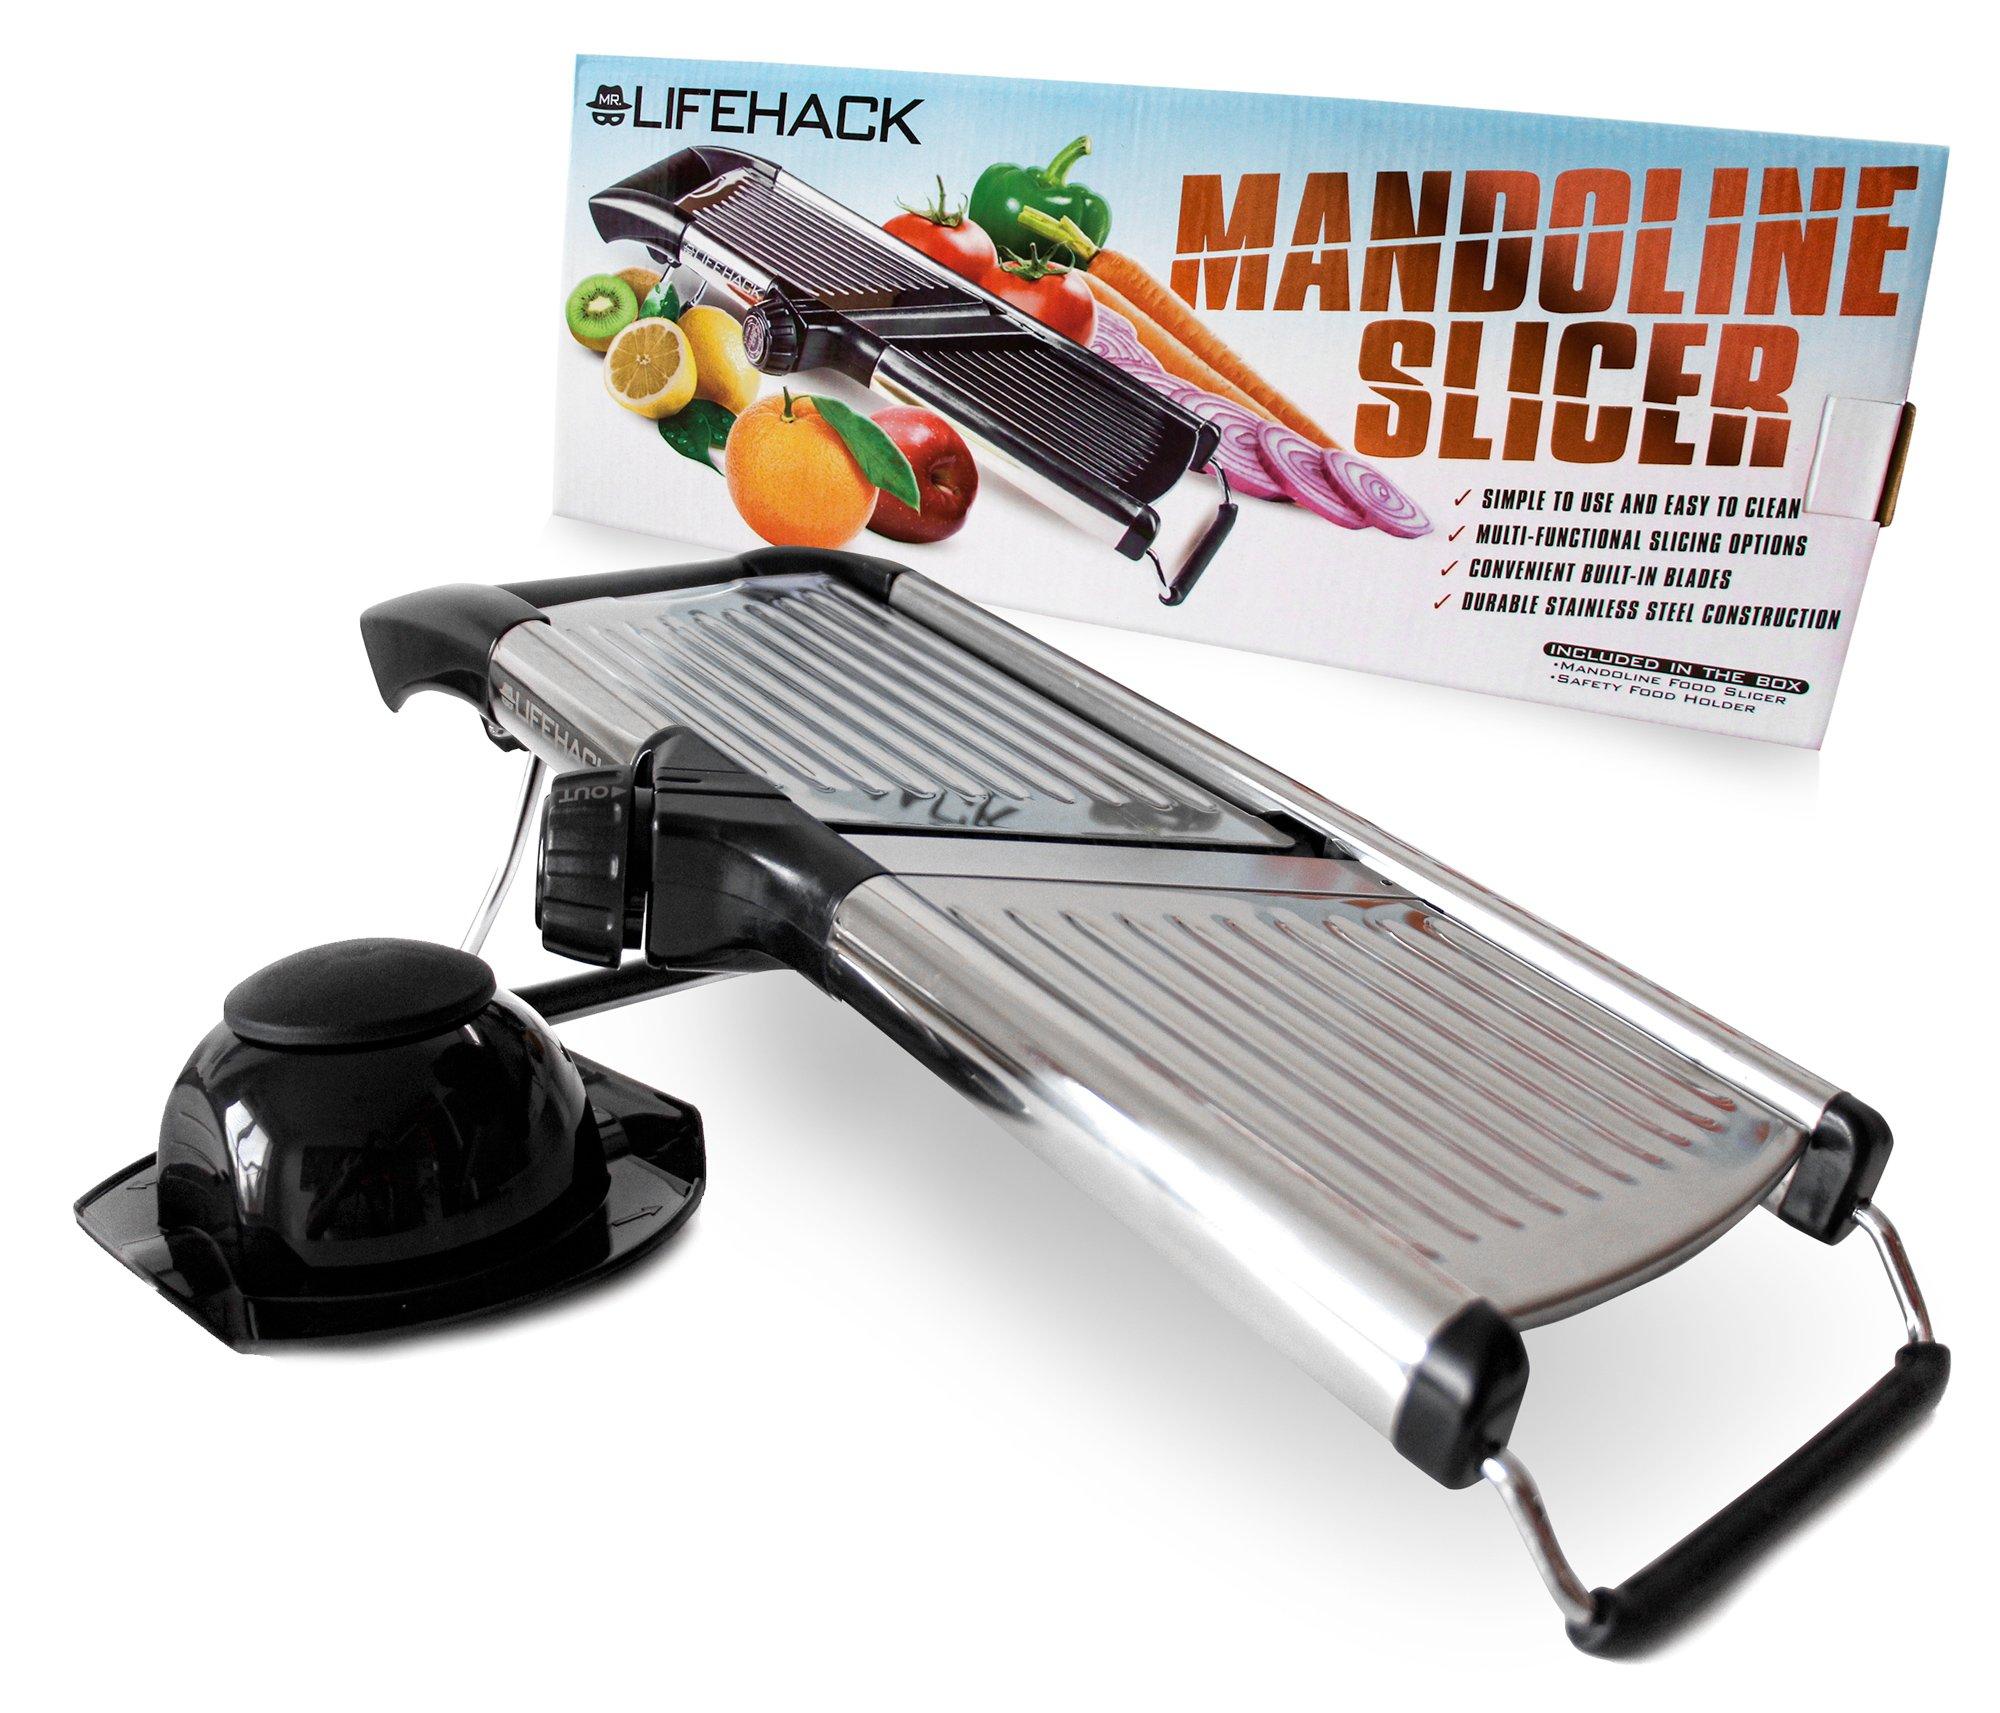 Mandoline Slicer By Mrlifehack - Stainless Steel Food Slicer With Adjustable Julienne Blade System - Best Fruit & Vegetable Cutter